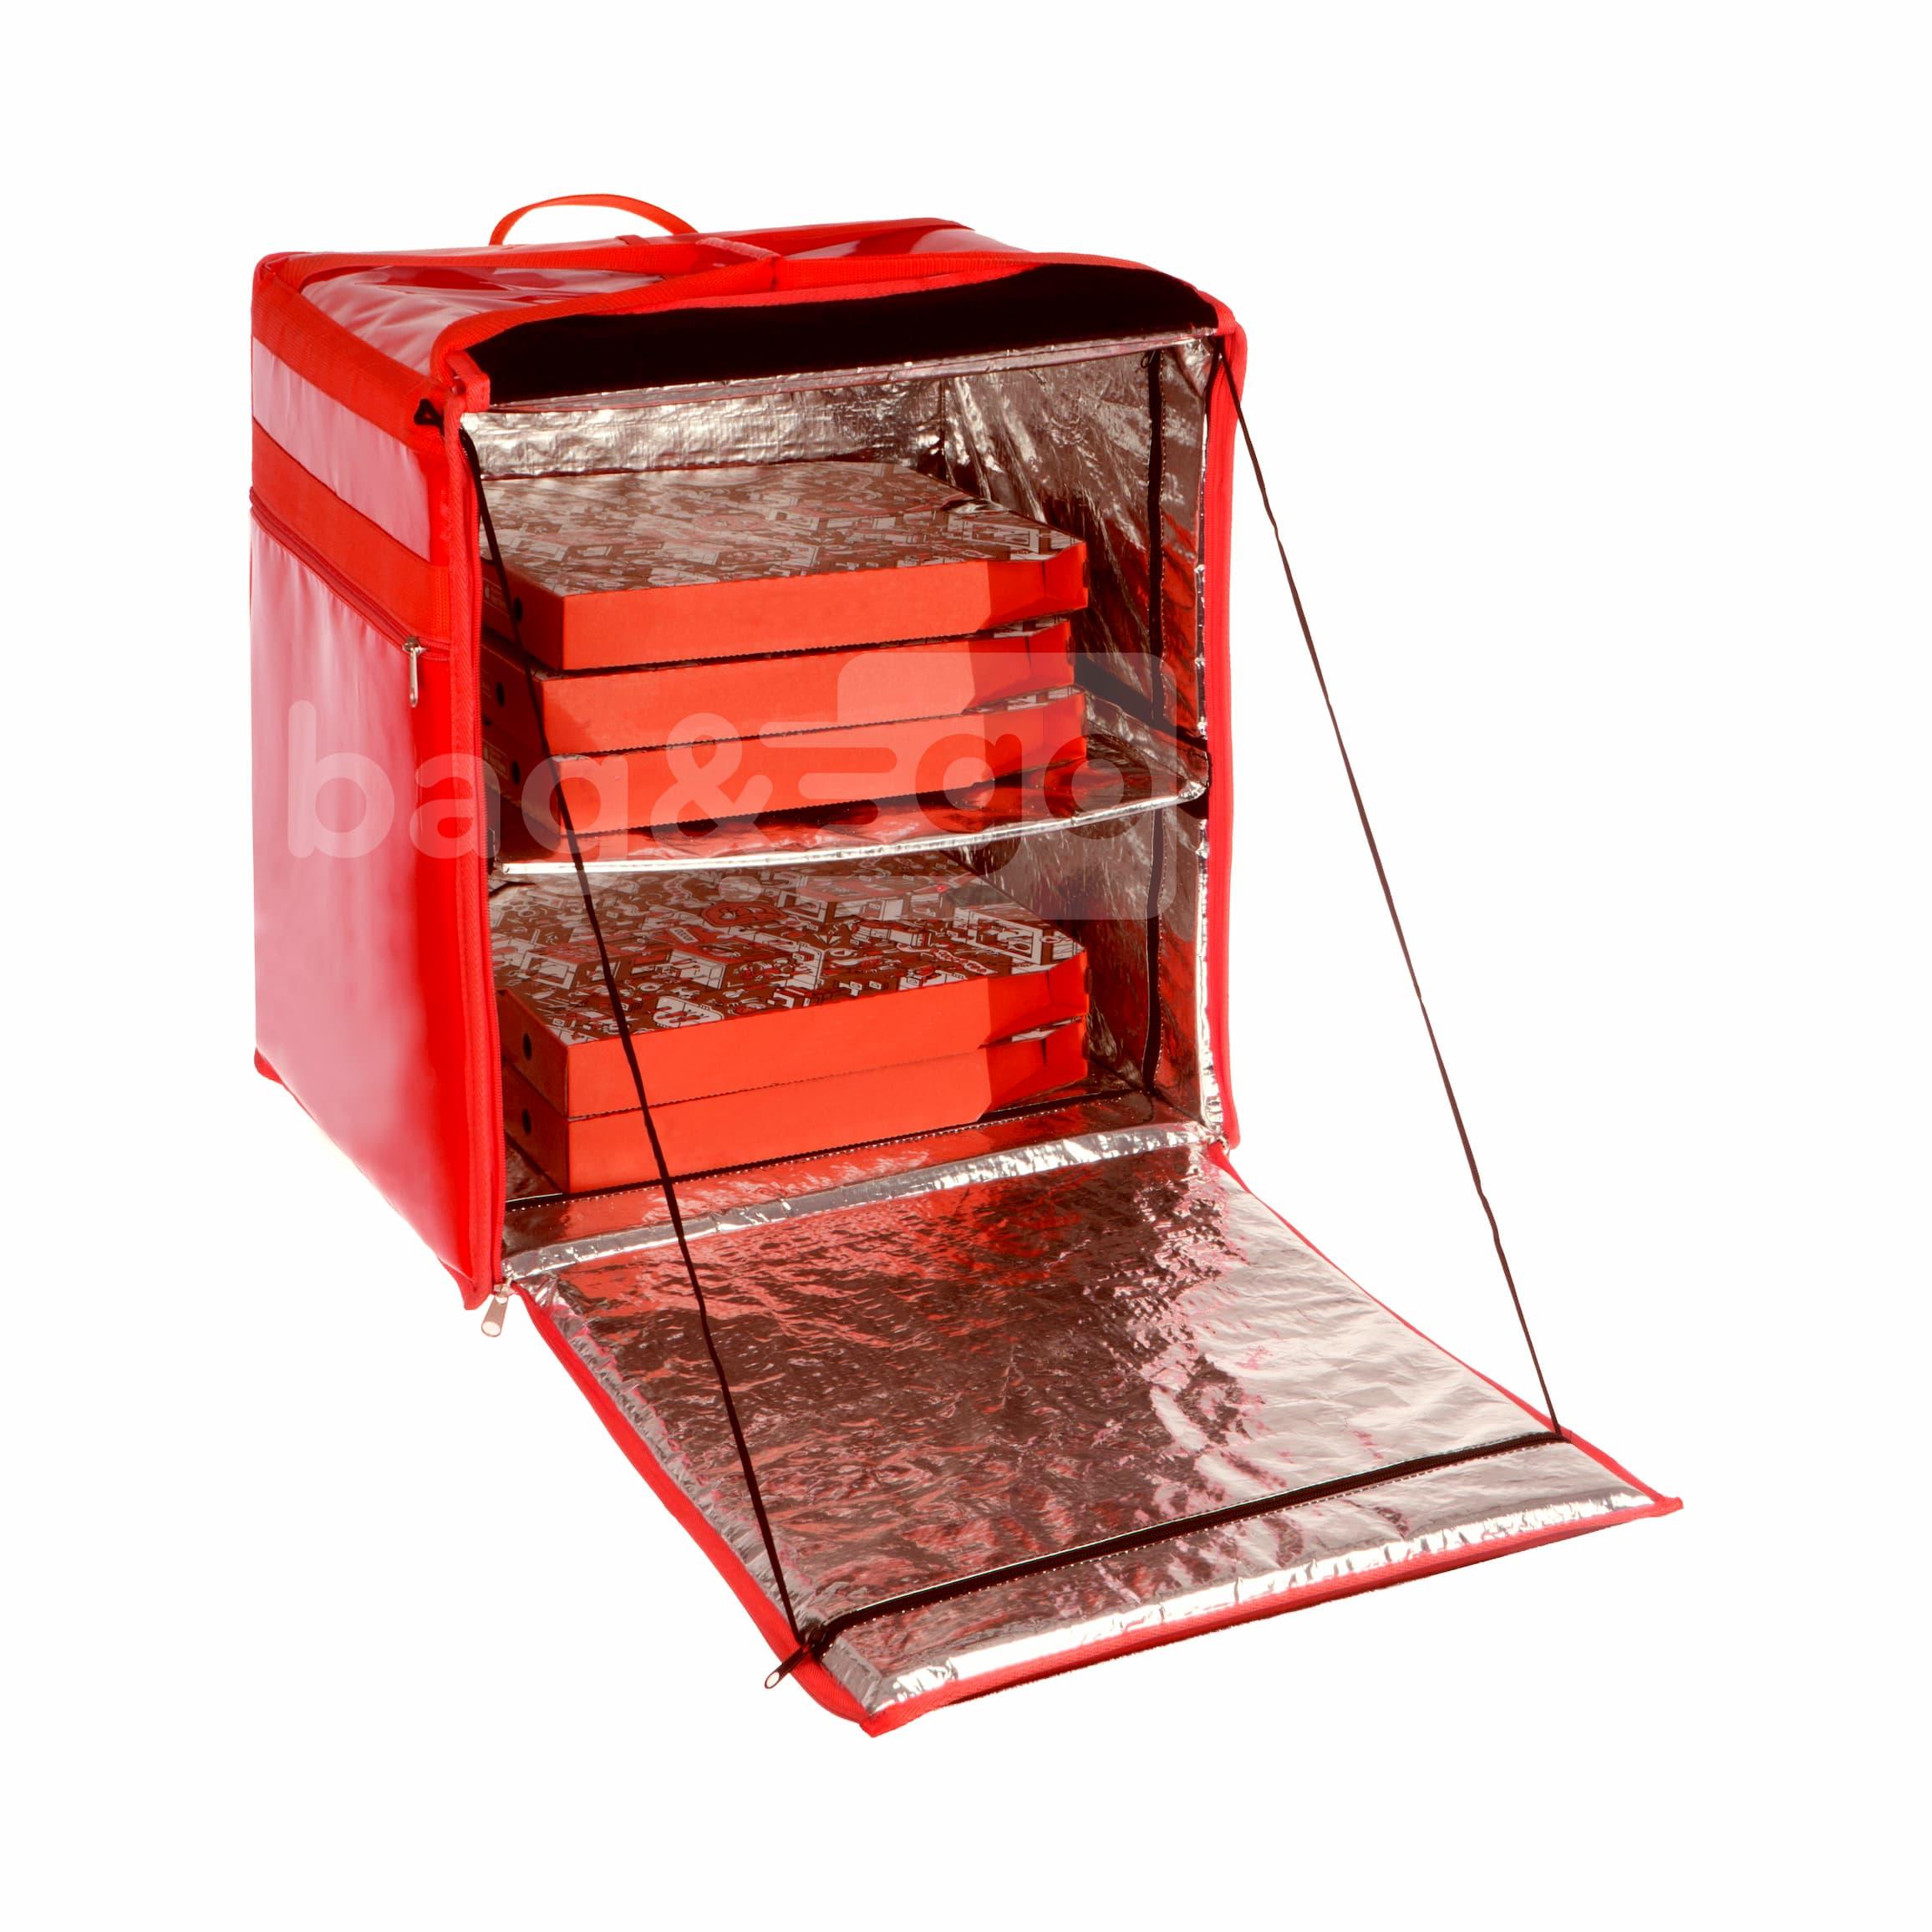 Терморюкзак с внутренней термосумкой (высота до 25 см)